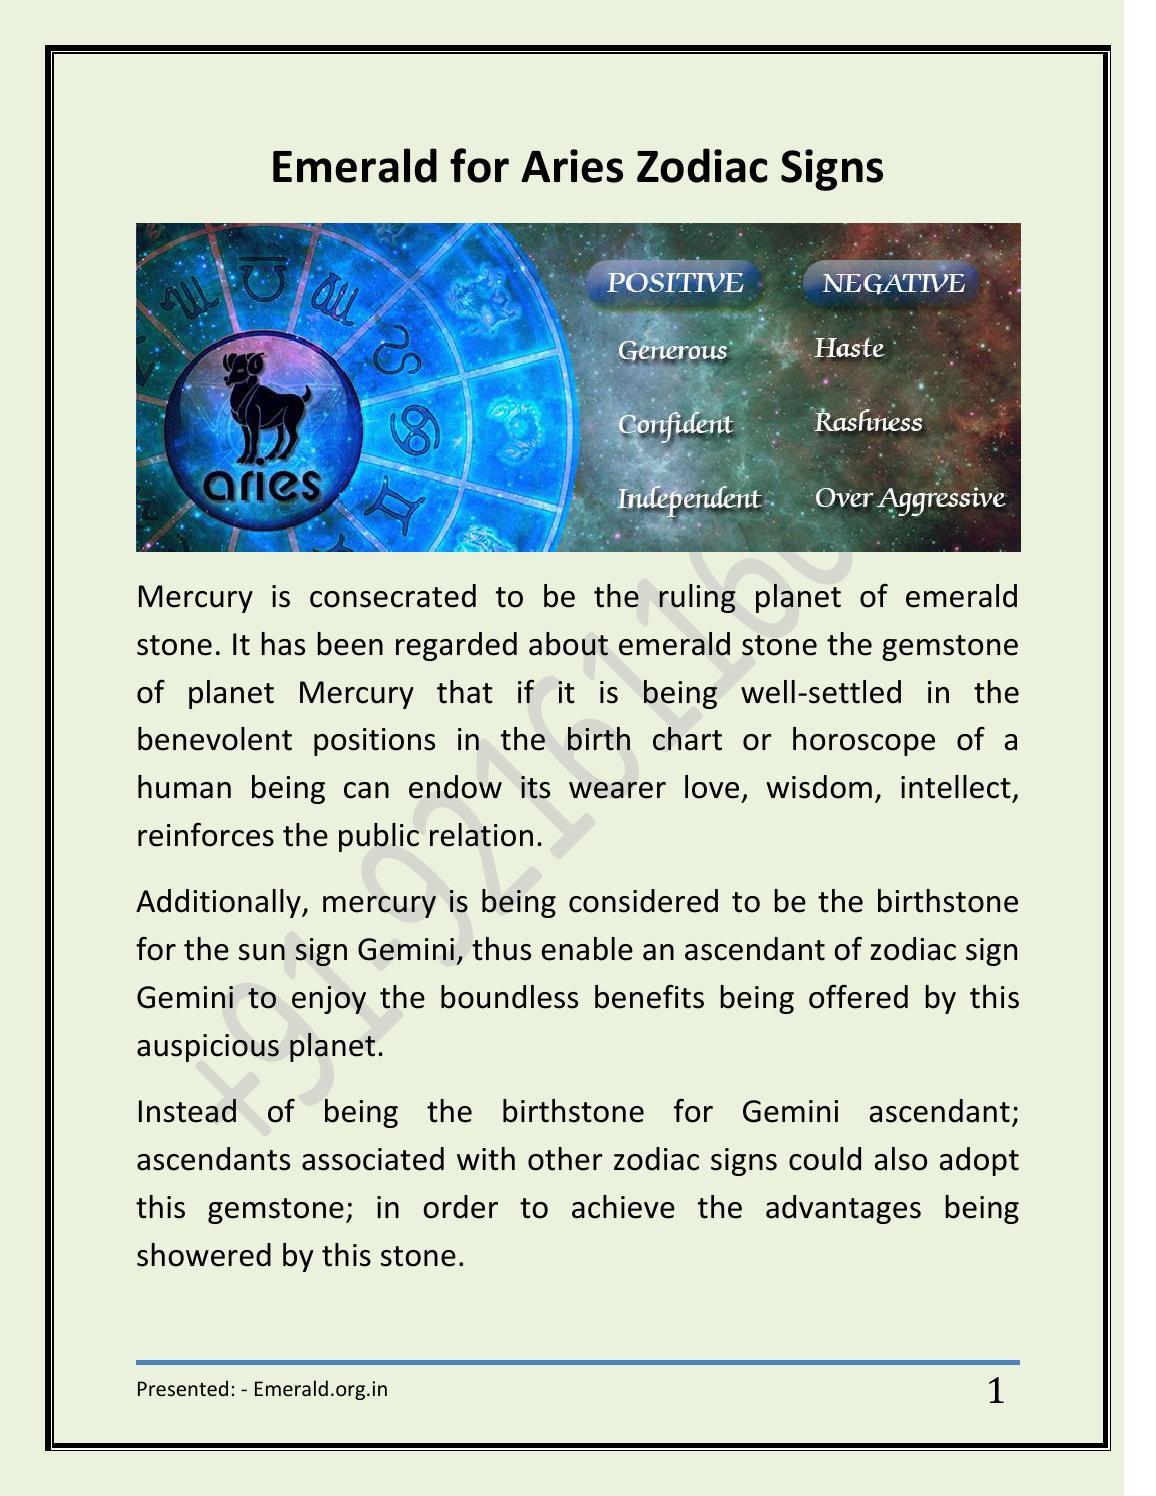 Emerald For Aries Zodiac Signs By Emerald Gemstone Issuu